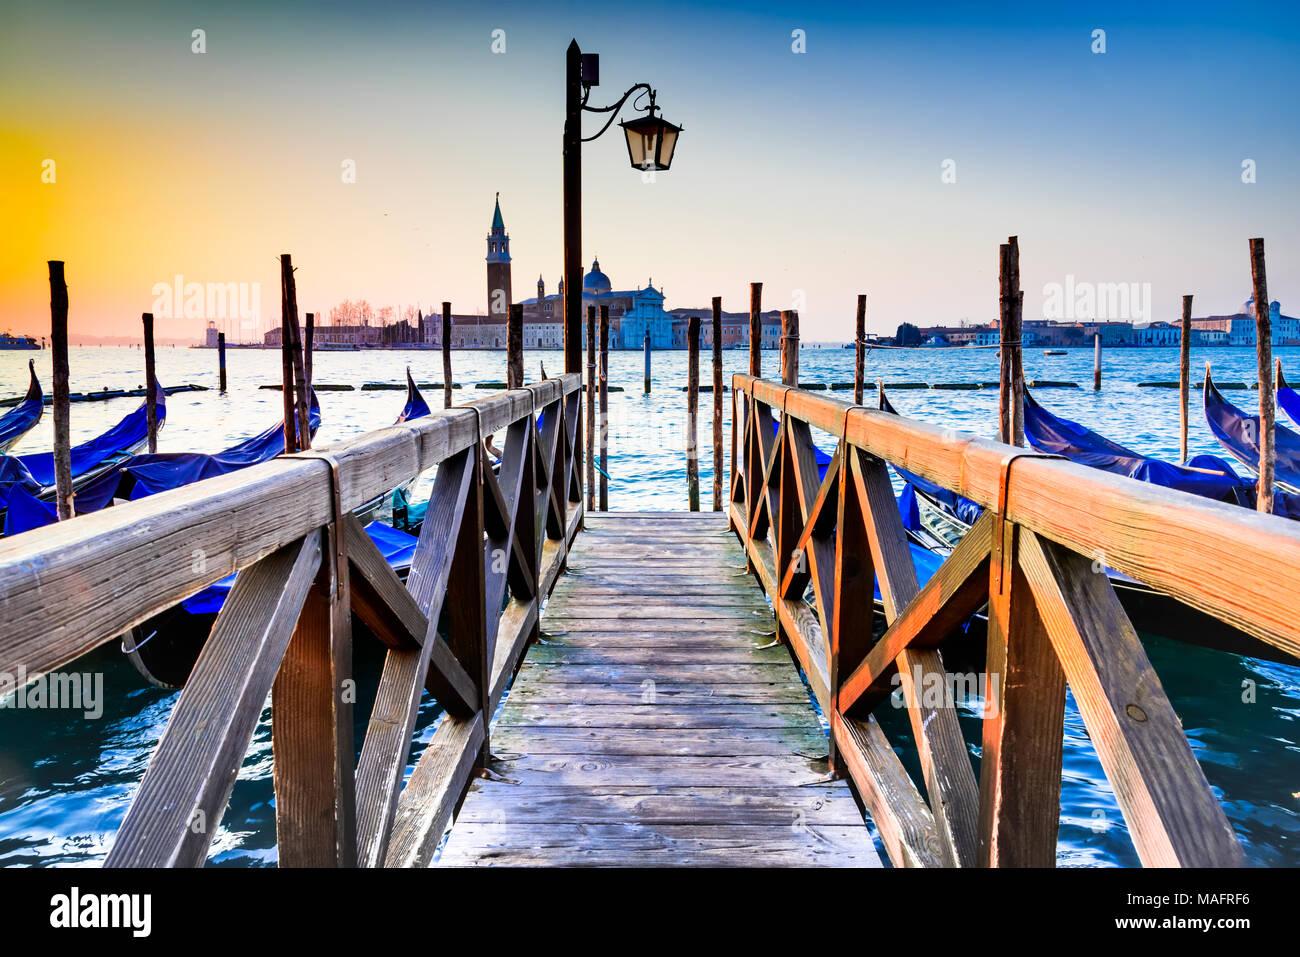 Venezia, Italia. Sunrise con gondole sul Canal Grande e Piazza San Marco, Mare Adriatico. Foto Stock